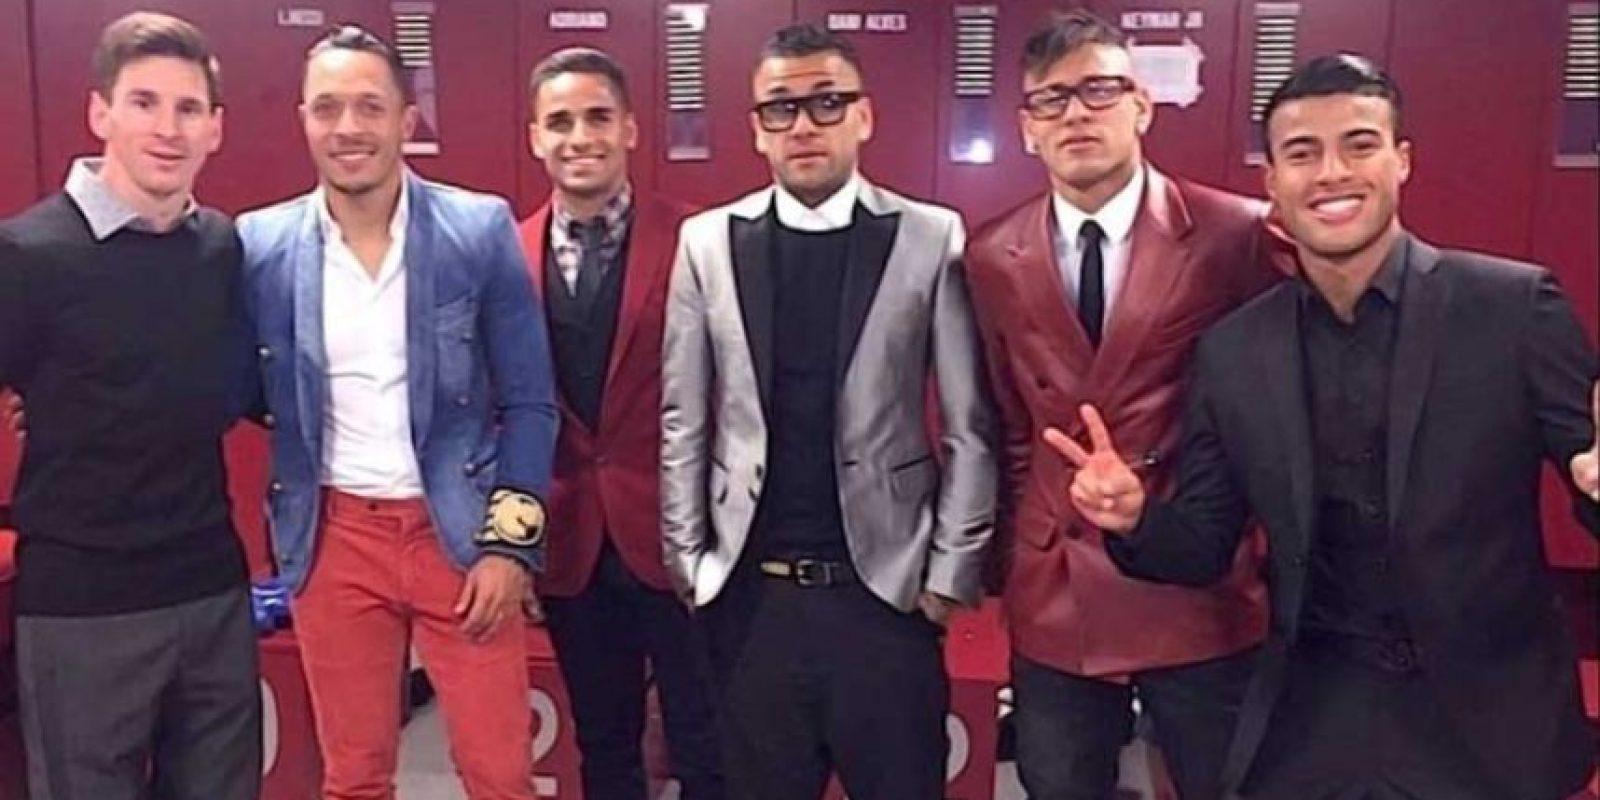 En 2015, Neymar compartió esta foto y Messi recibió burlas por su look tan formal. Foto:Vía instagram.com/neymarjr